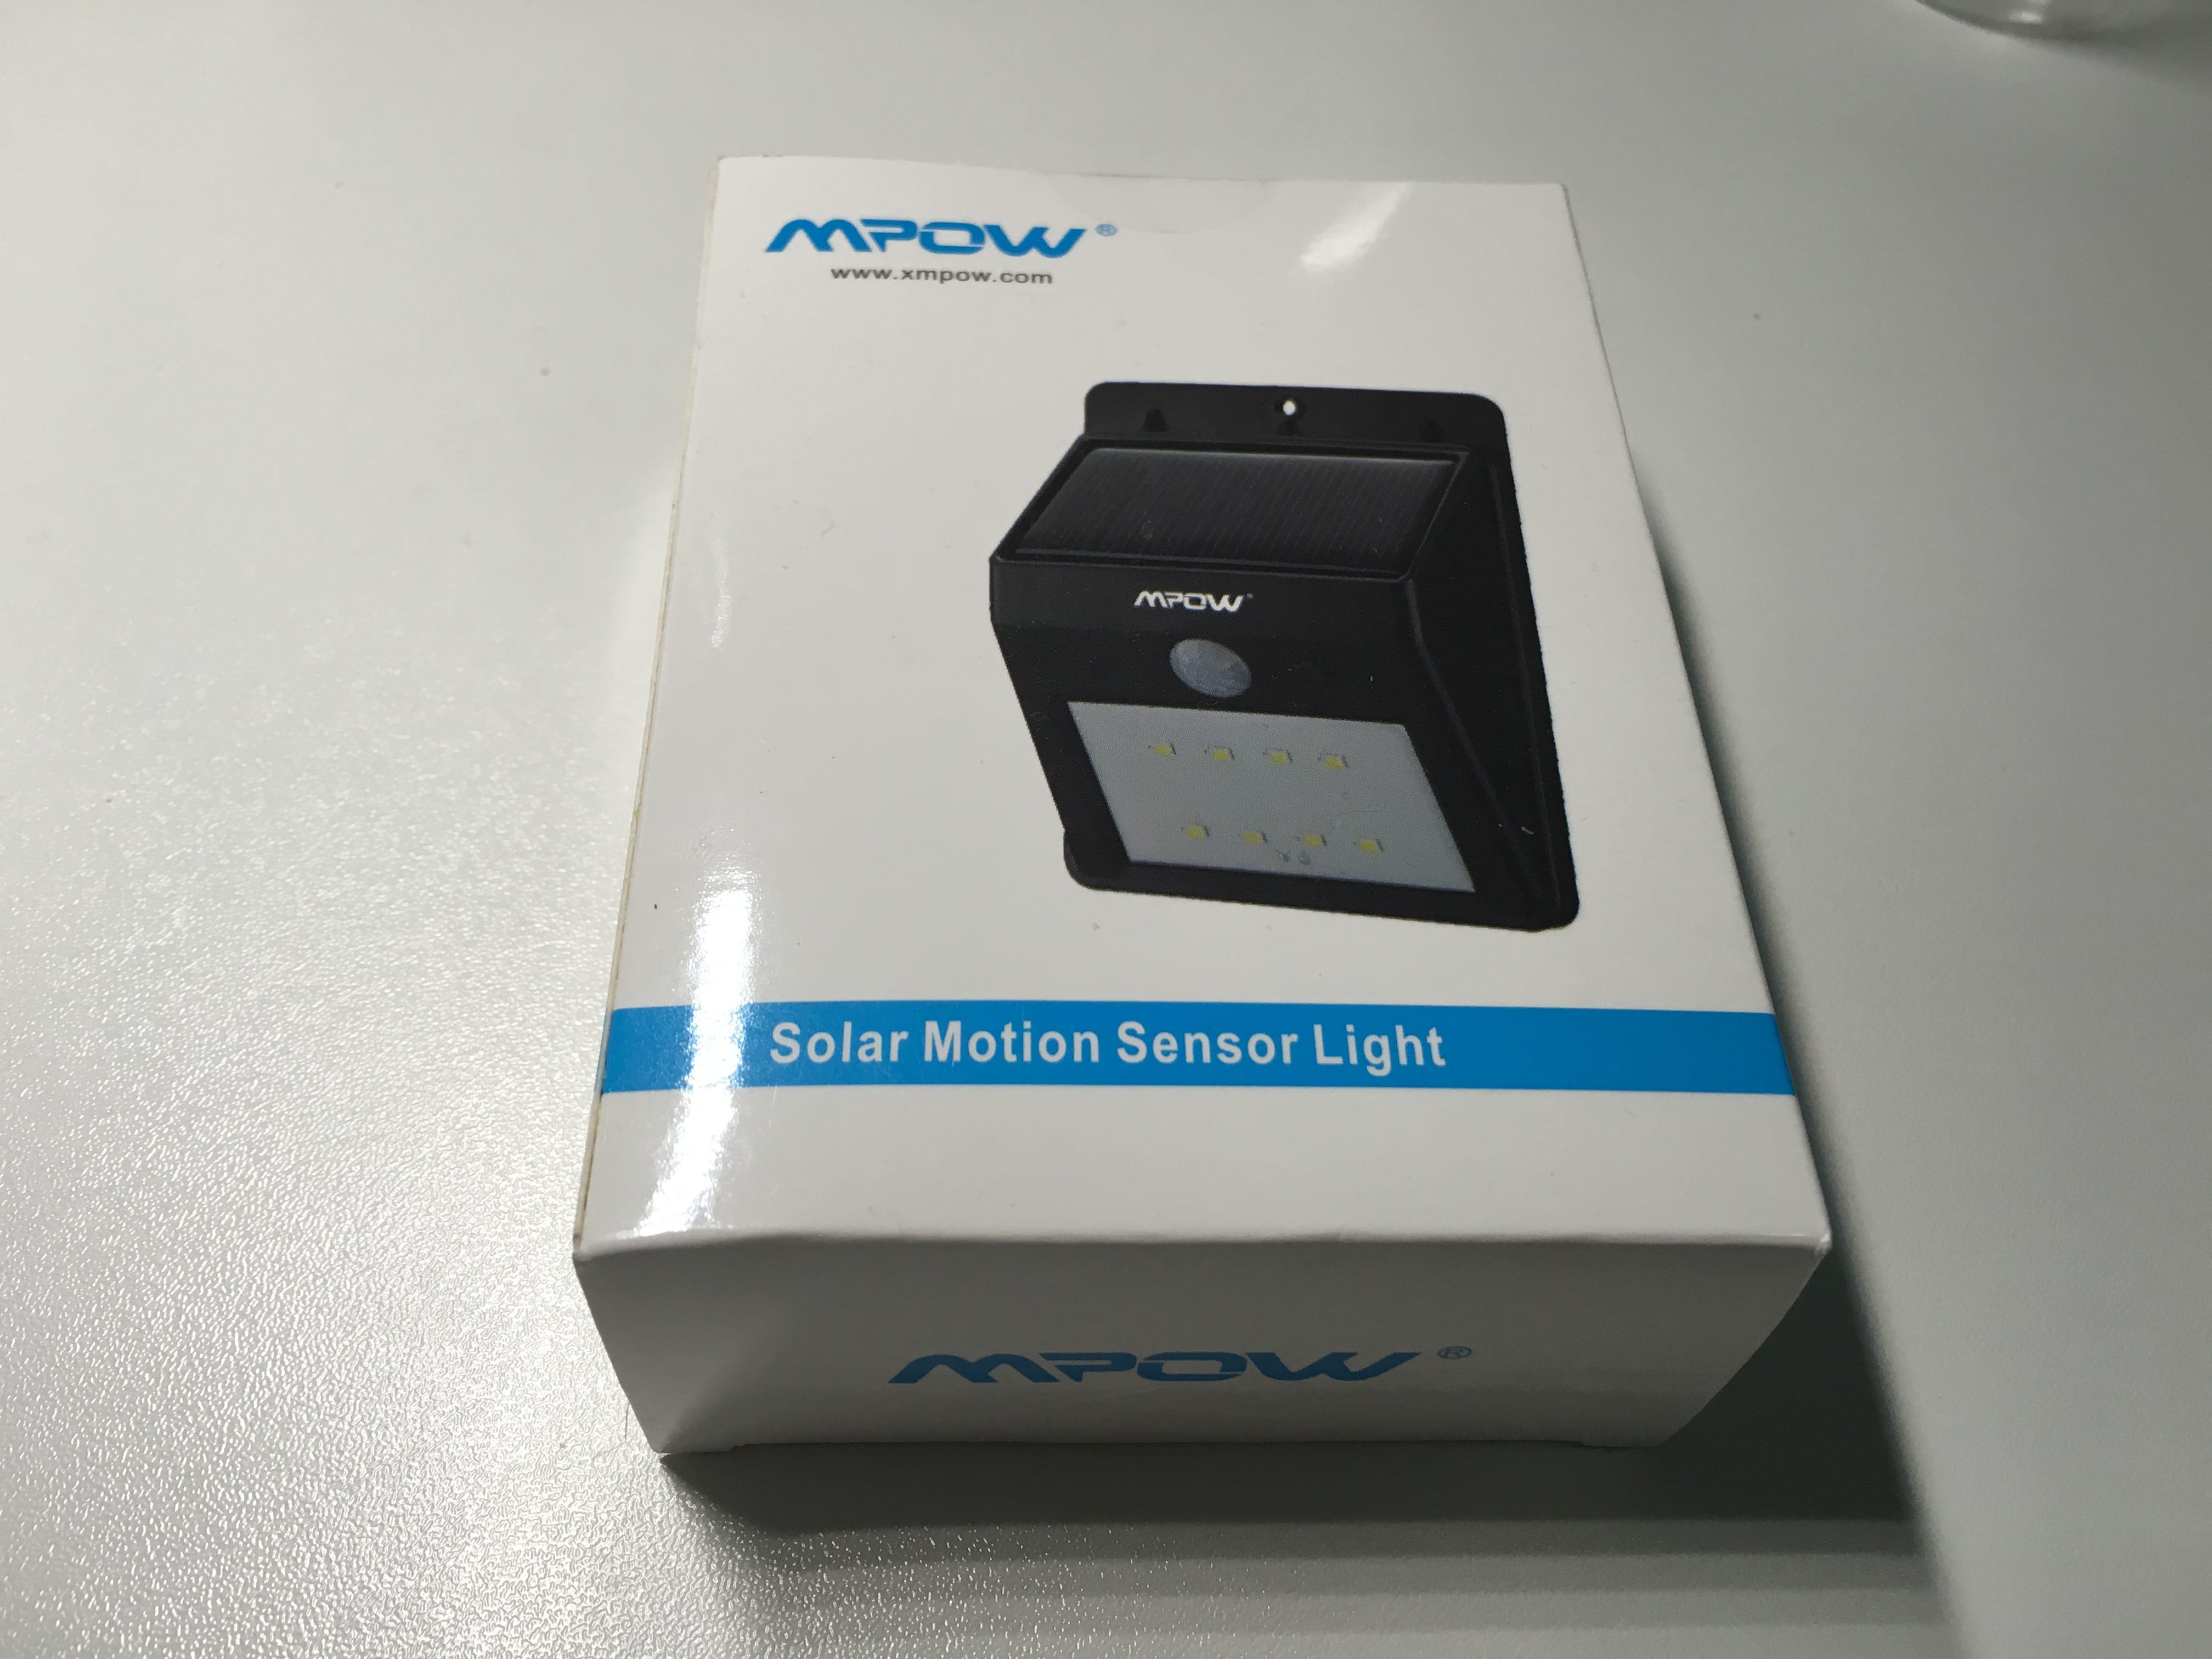 Lampada led potentissima alimentata da energia solare con sensore